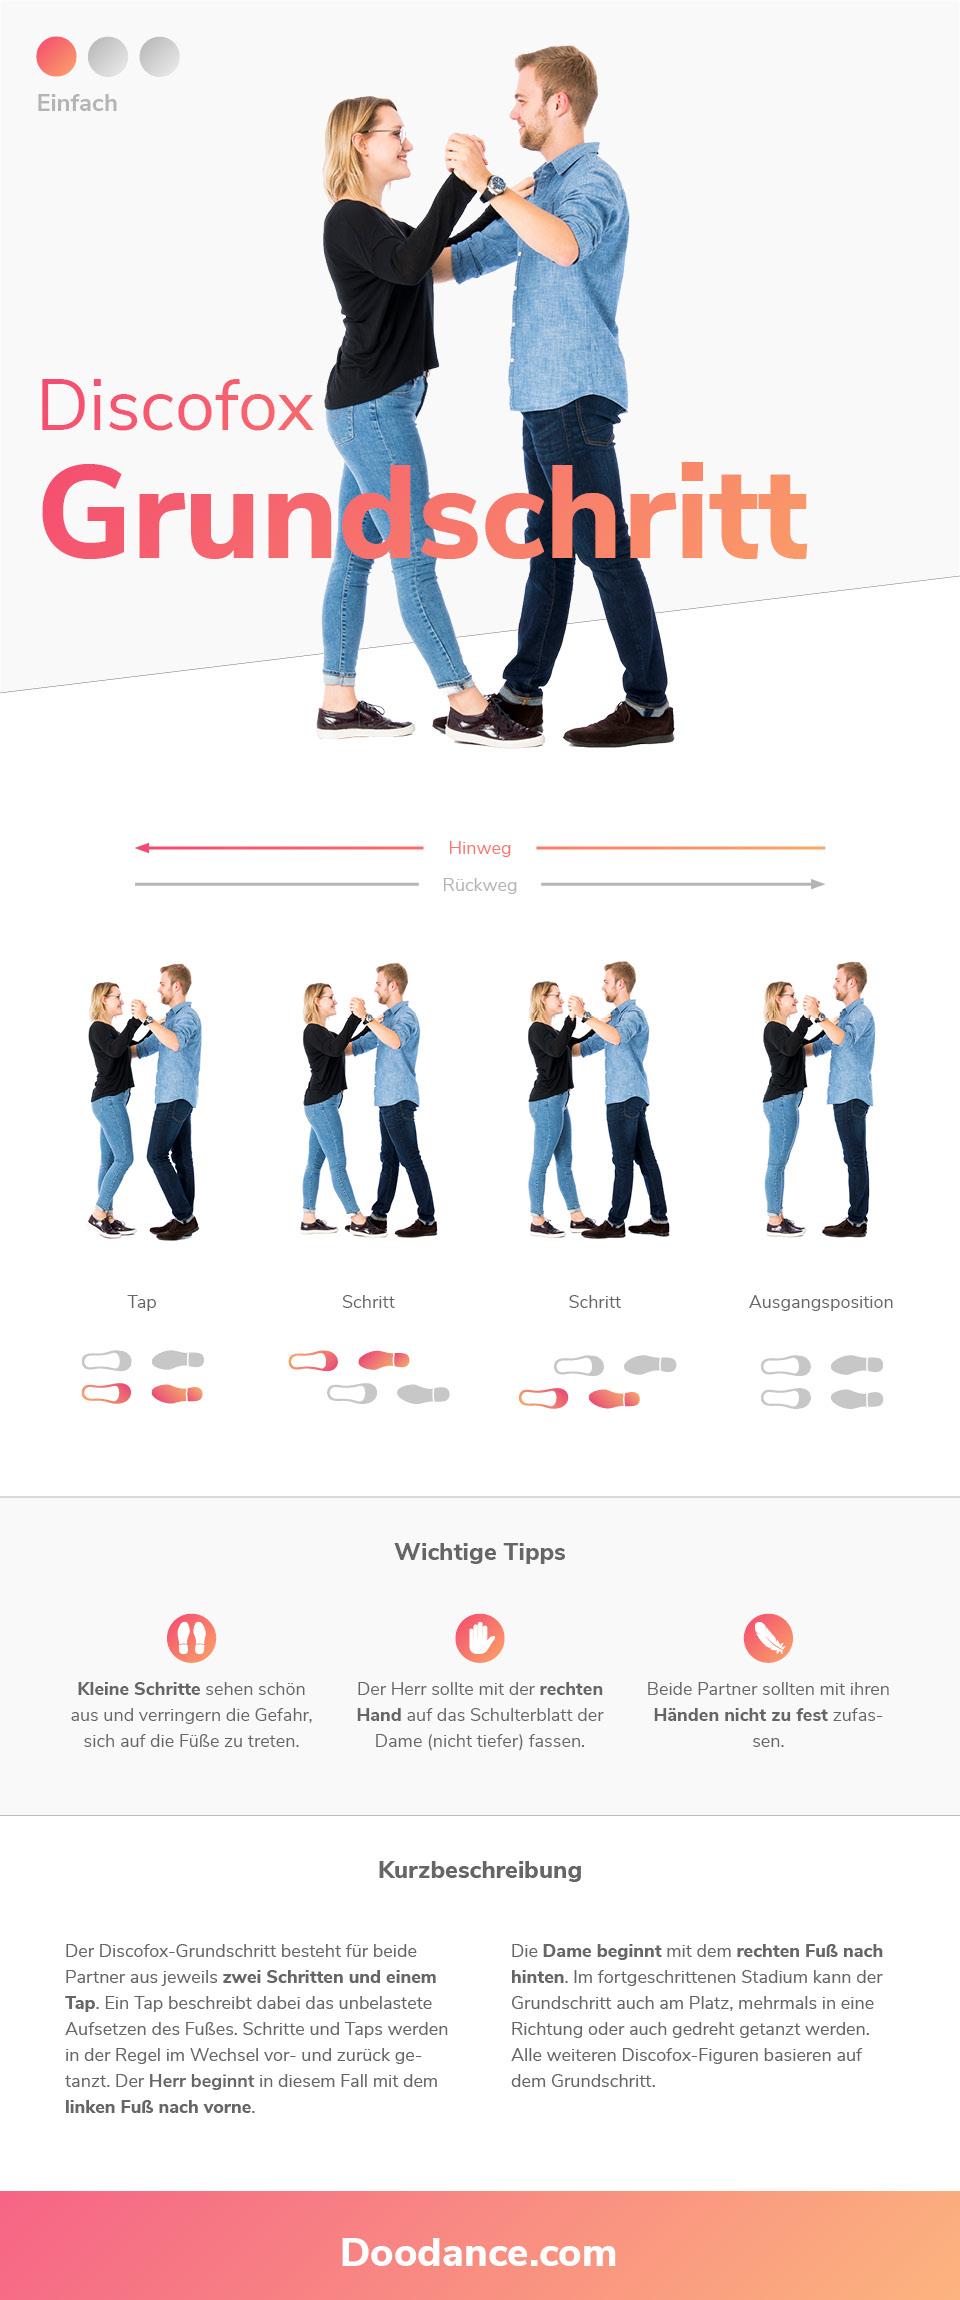 Infografik Discofox Grundschritt mit Schritt Anleitung